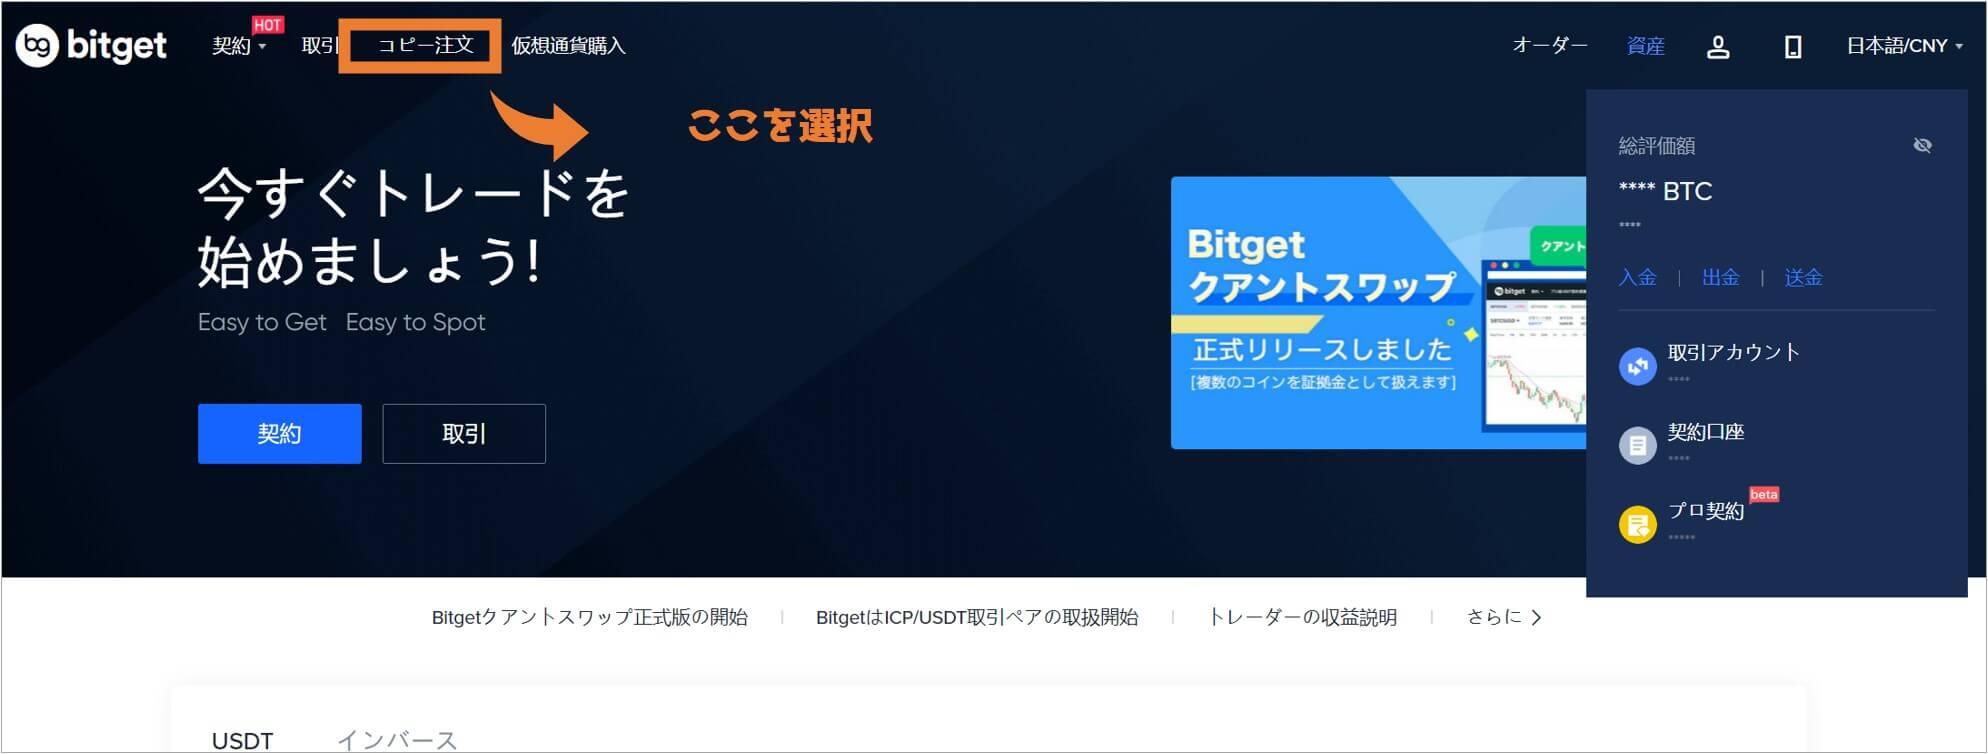 bitgetマイページ左上の「コピー注文」